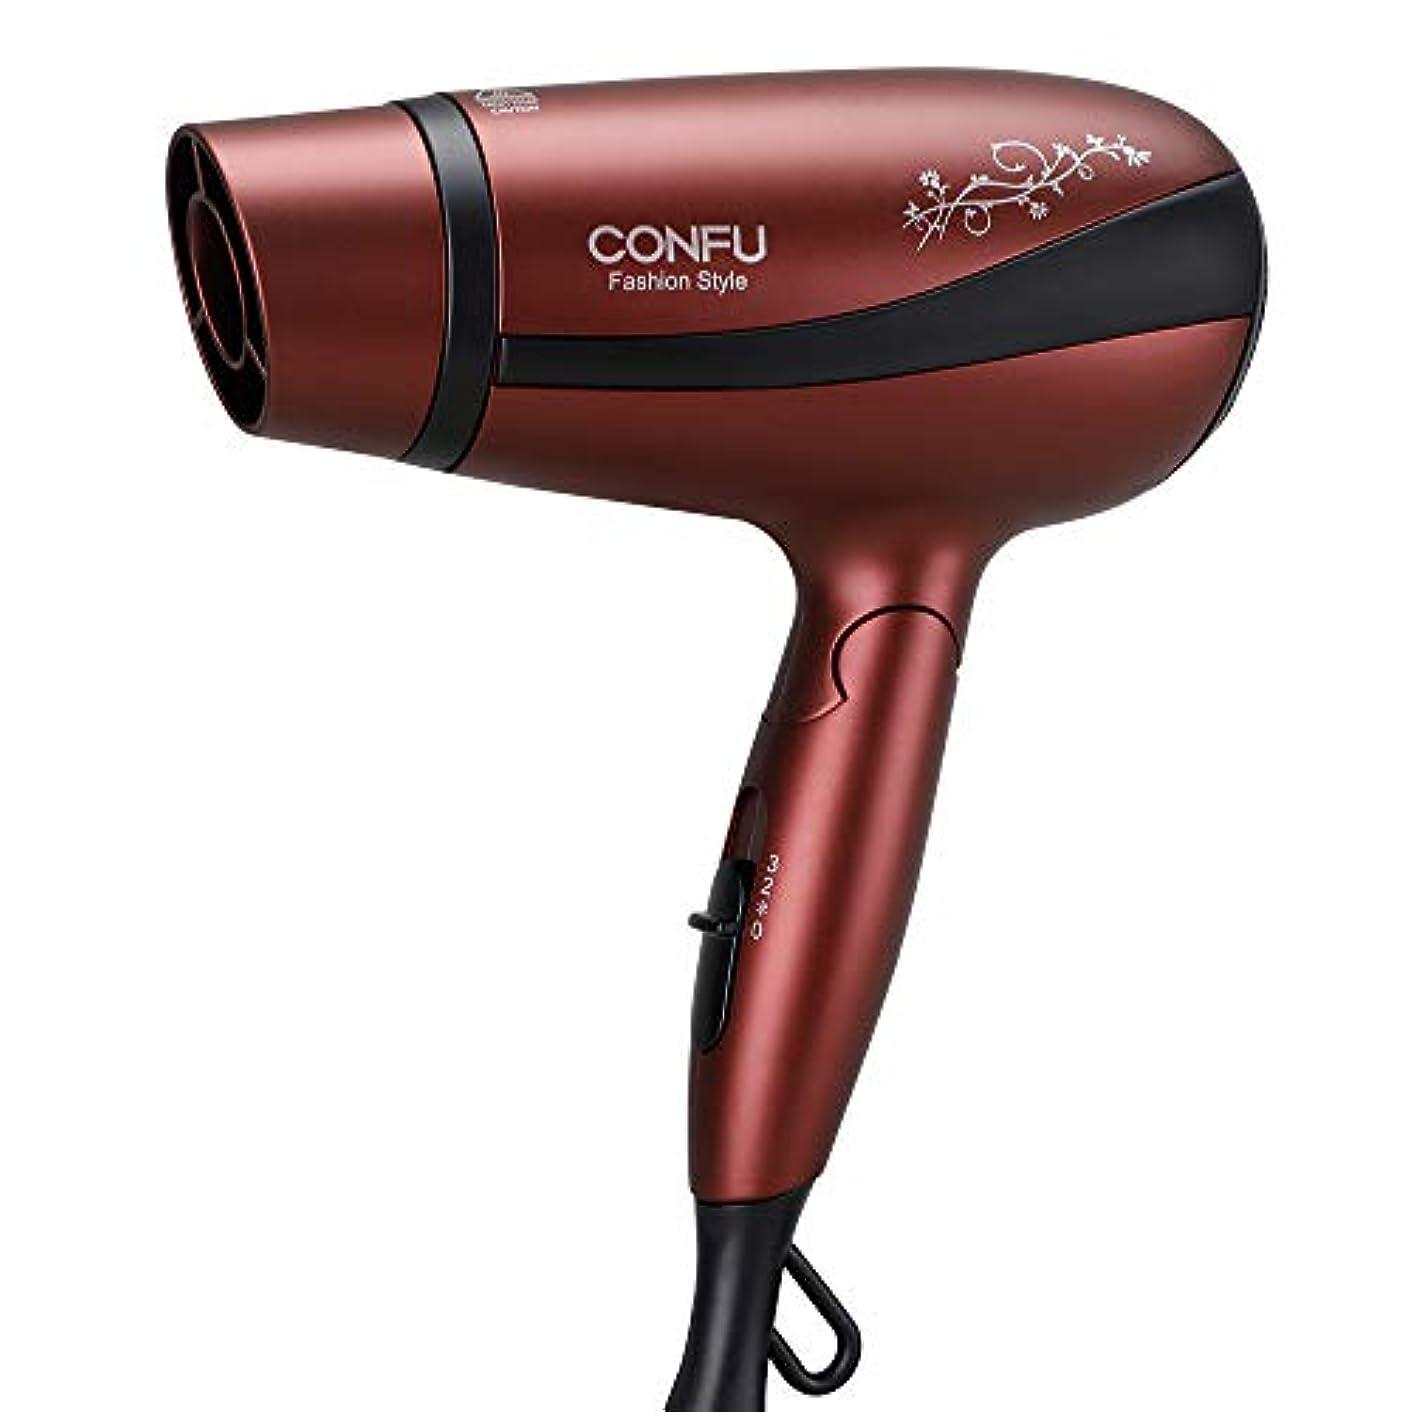 筋肉の半ば検証CONFU ドライヤー 大風量 静 イオンドライヤー ナノケア 1200W速乾 低騒音 家庭用 KF-3105 ヘアードライヤー (赤褐色)